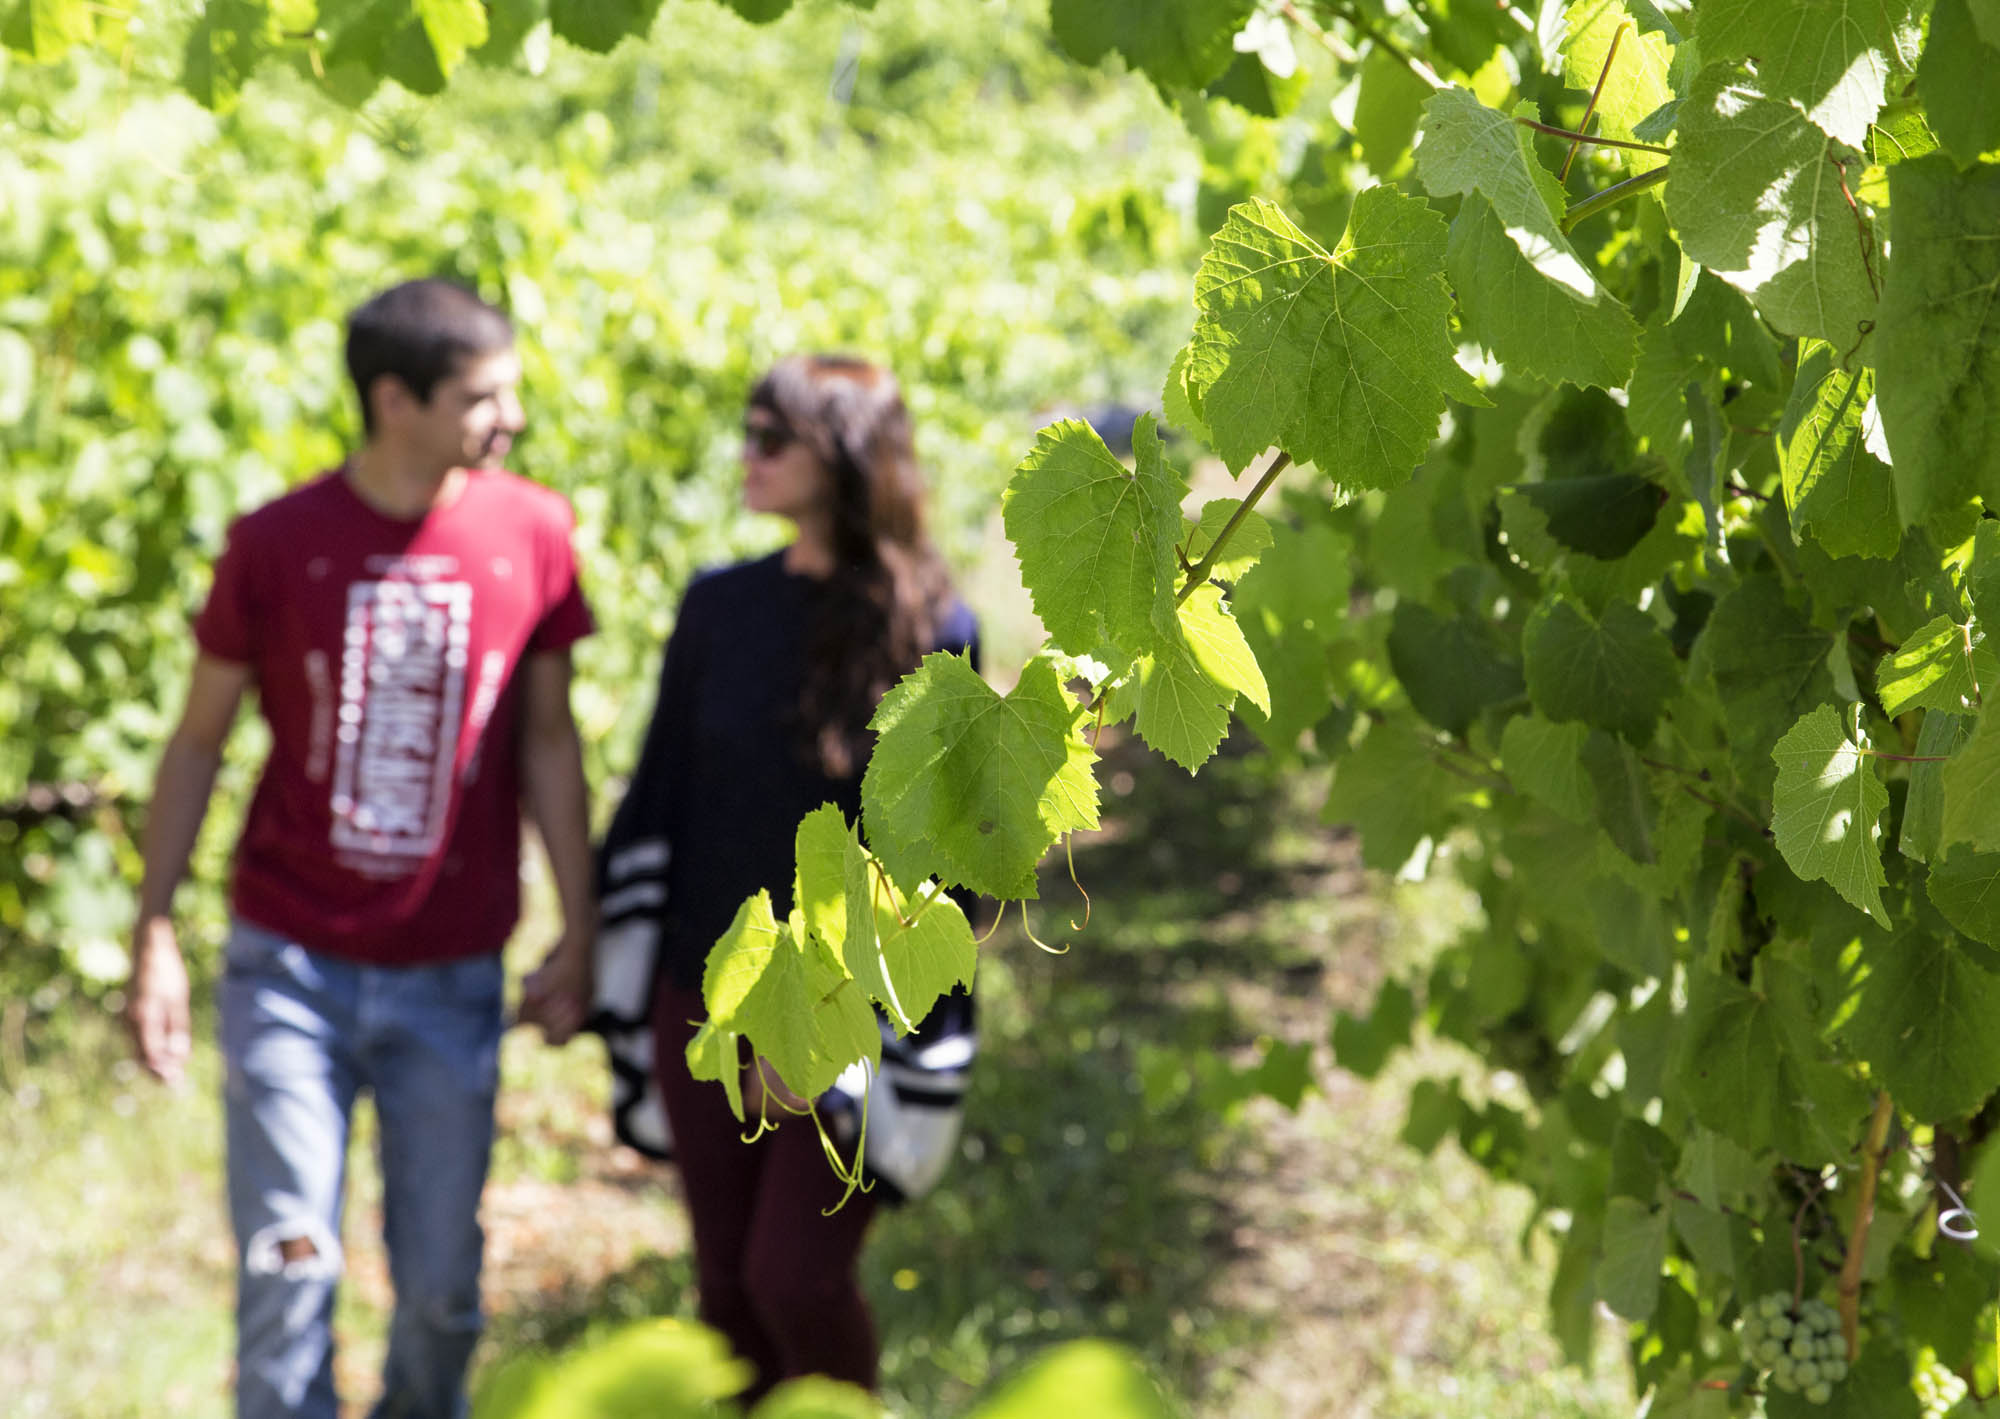 El enoturista tipo de la Ruta do Viño Rías Baixas tiene entre 26 y 45 años, viaja en pareja, se desplaza en su coche y pernocta en hoteles